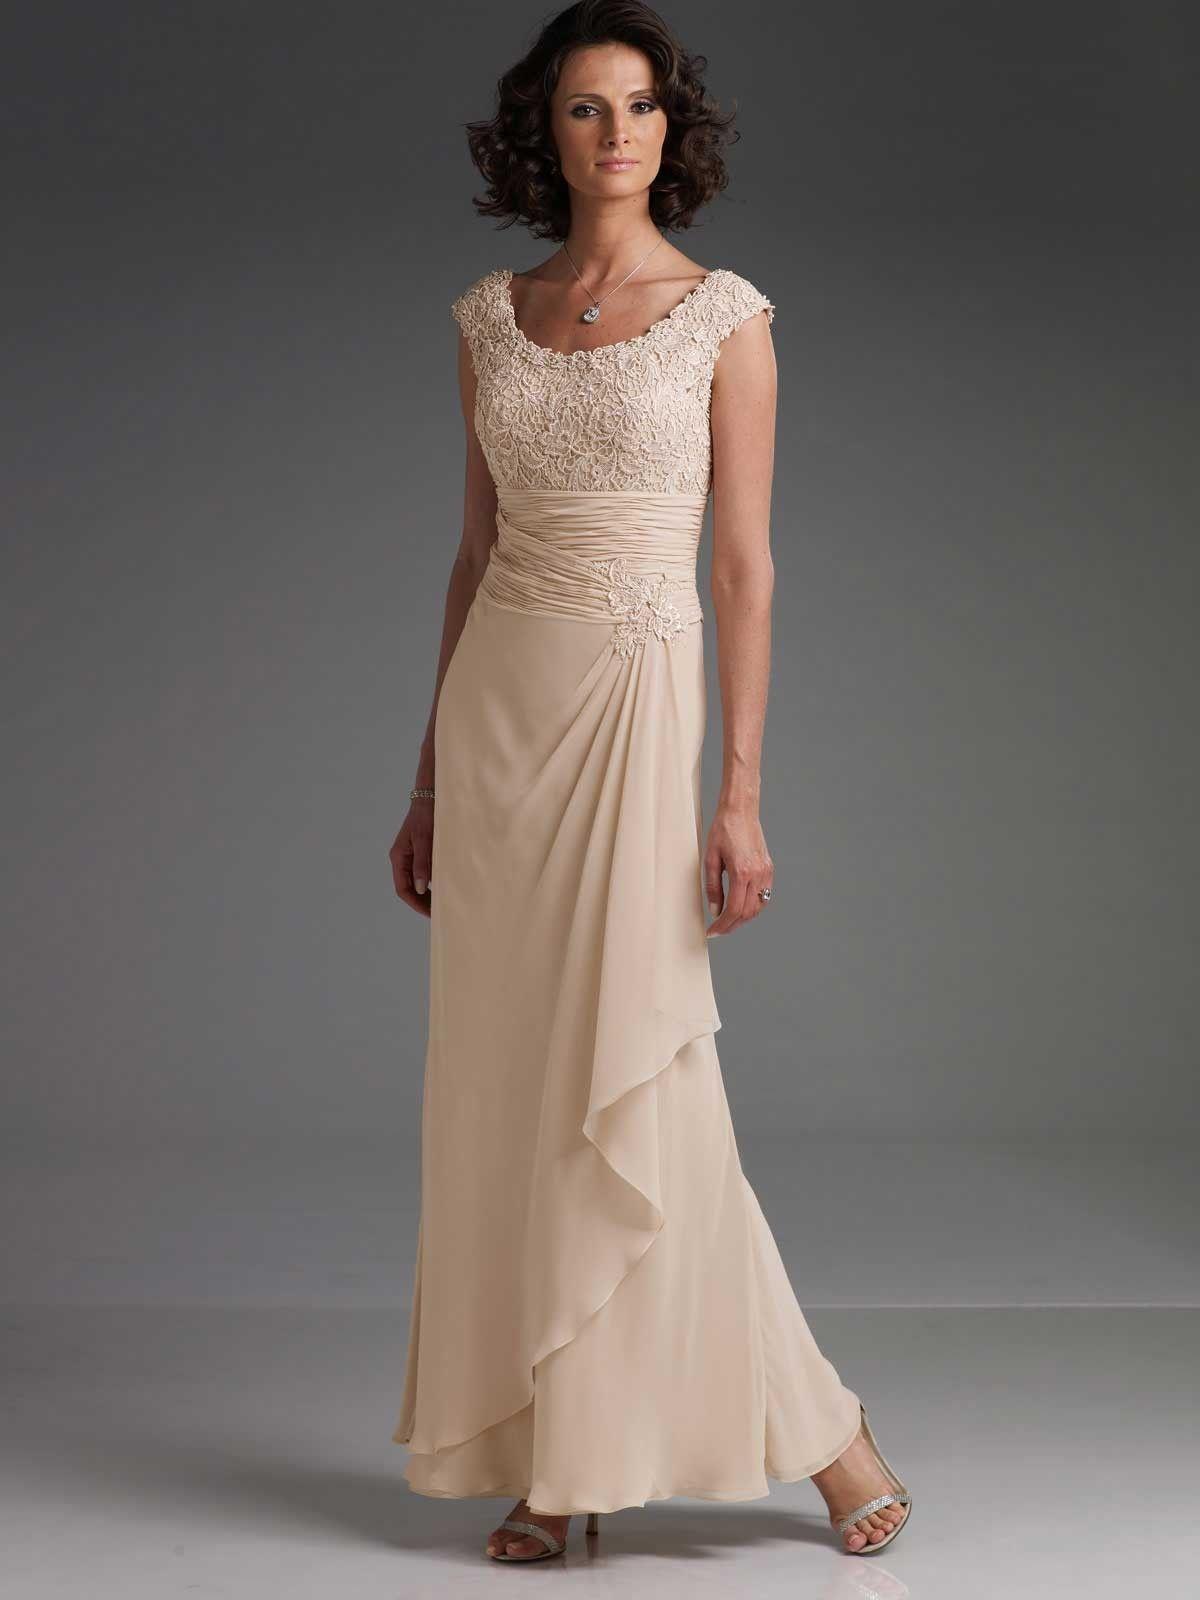 Vestidos madre novia aliexpress